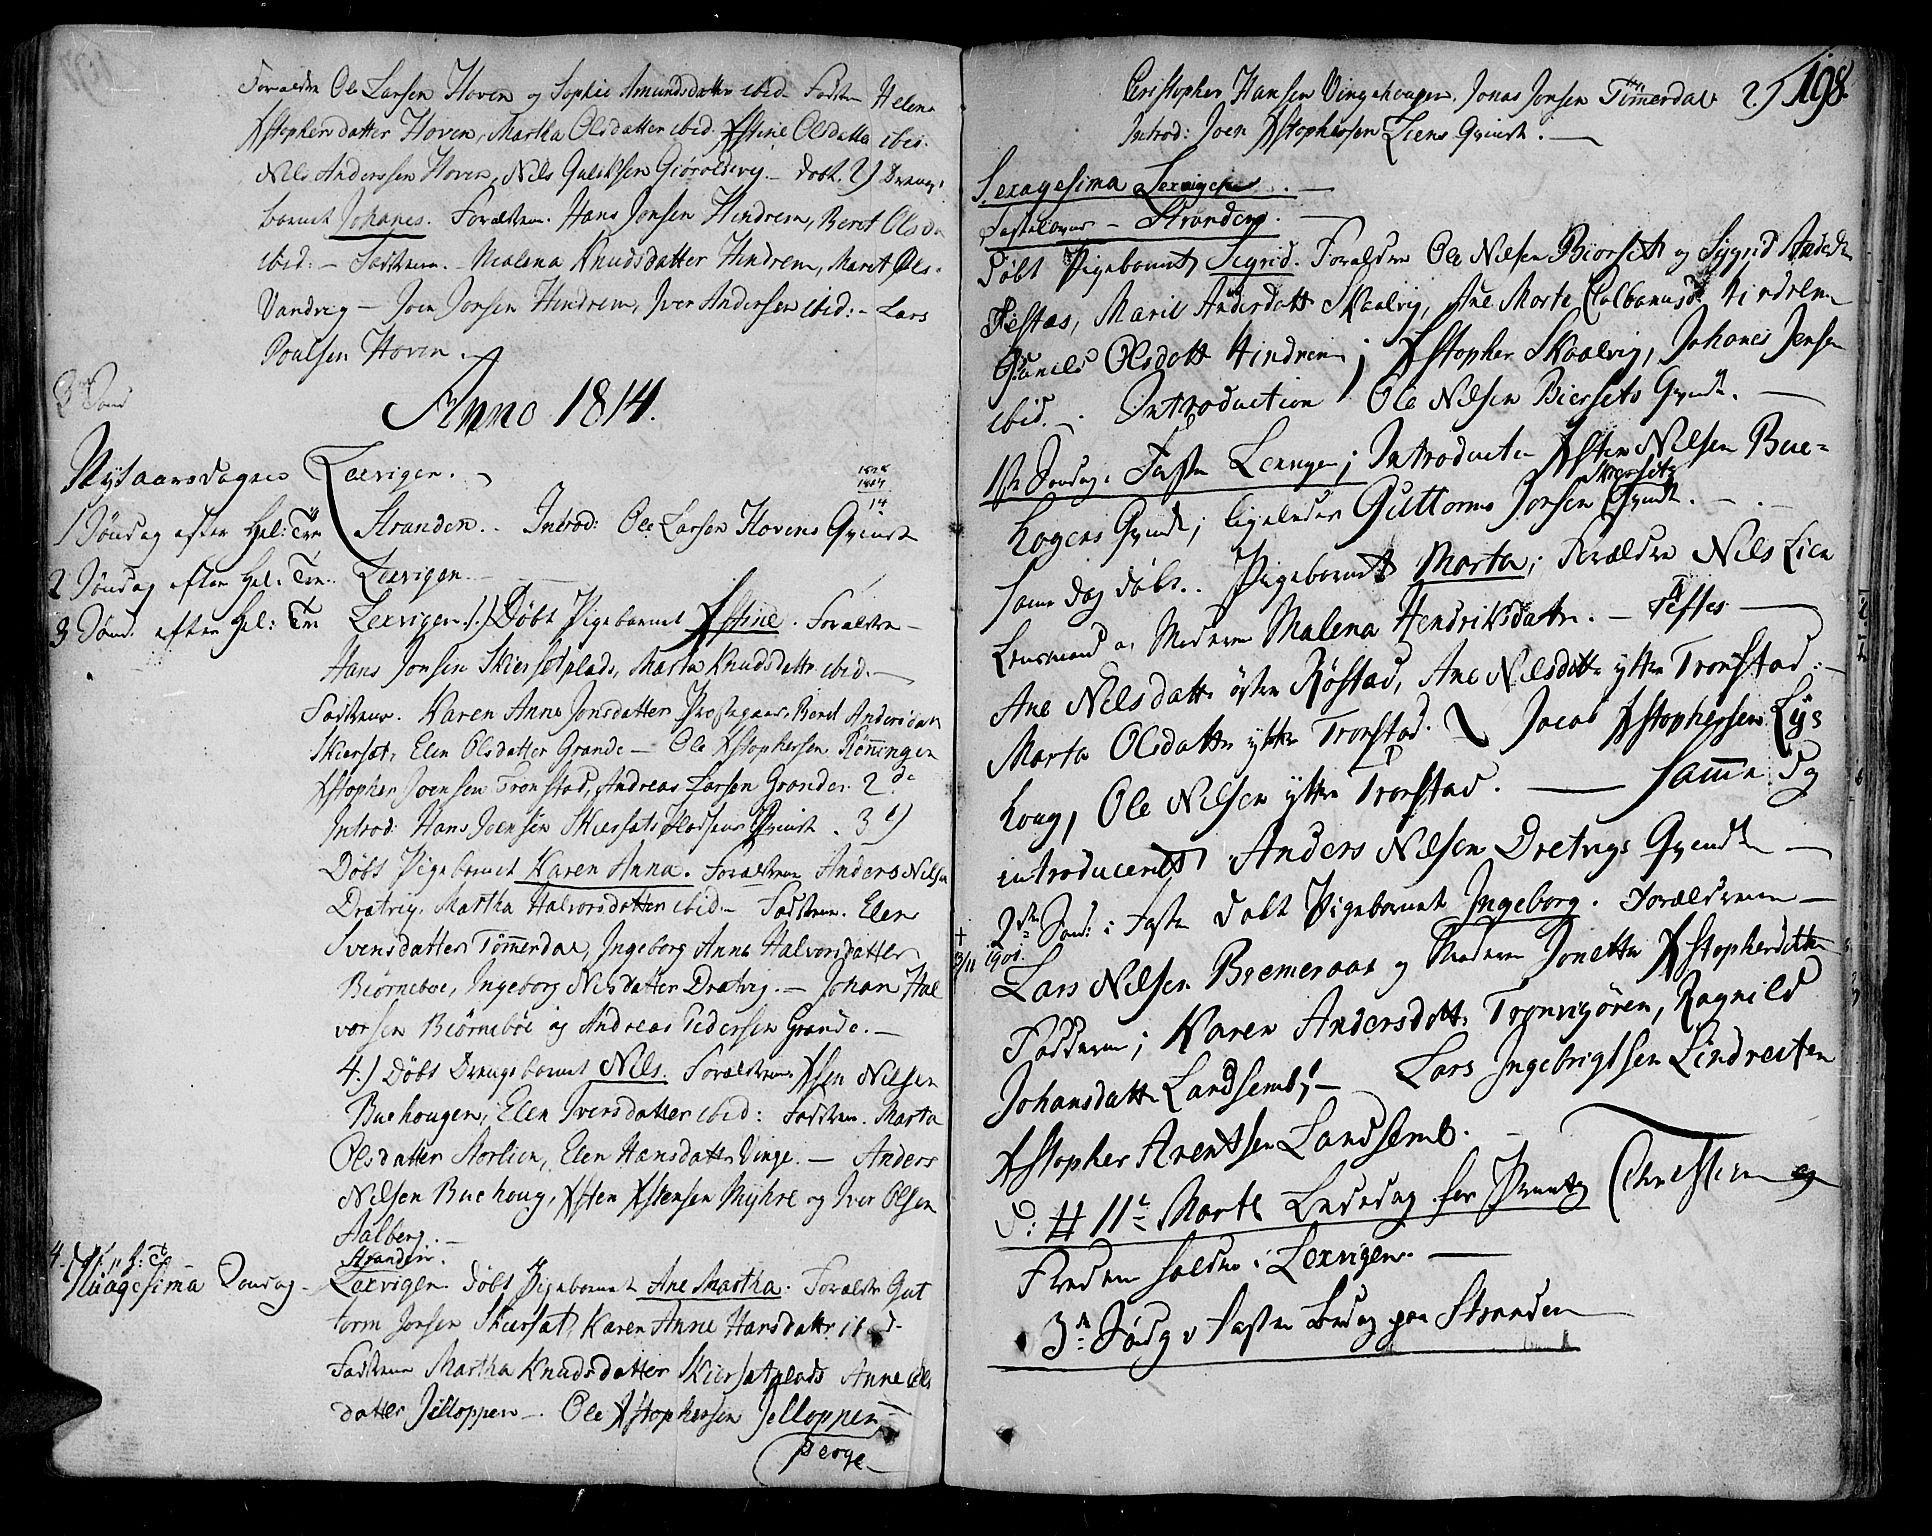 SAT, Ministerialprotokoller, klokkerbøker og fødselsregistre - Nord-Trøndelag, 701/L0004: Ministerialbok nr. 701A04, 1783-1816, s. 198